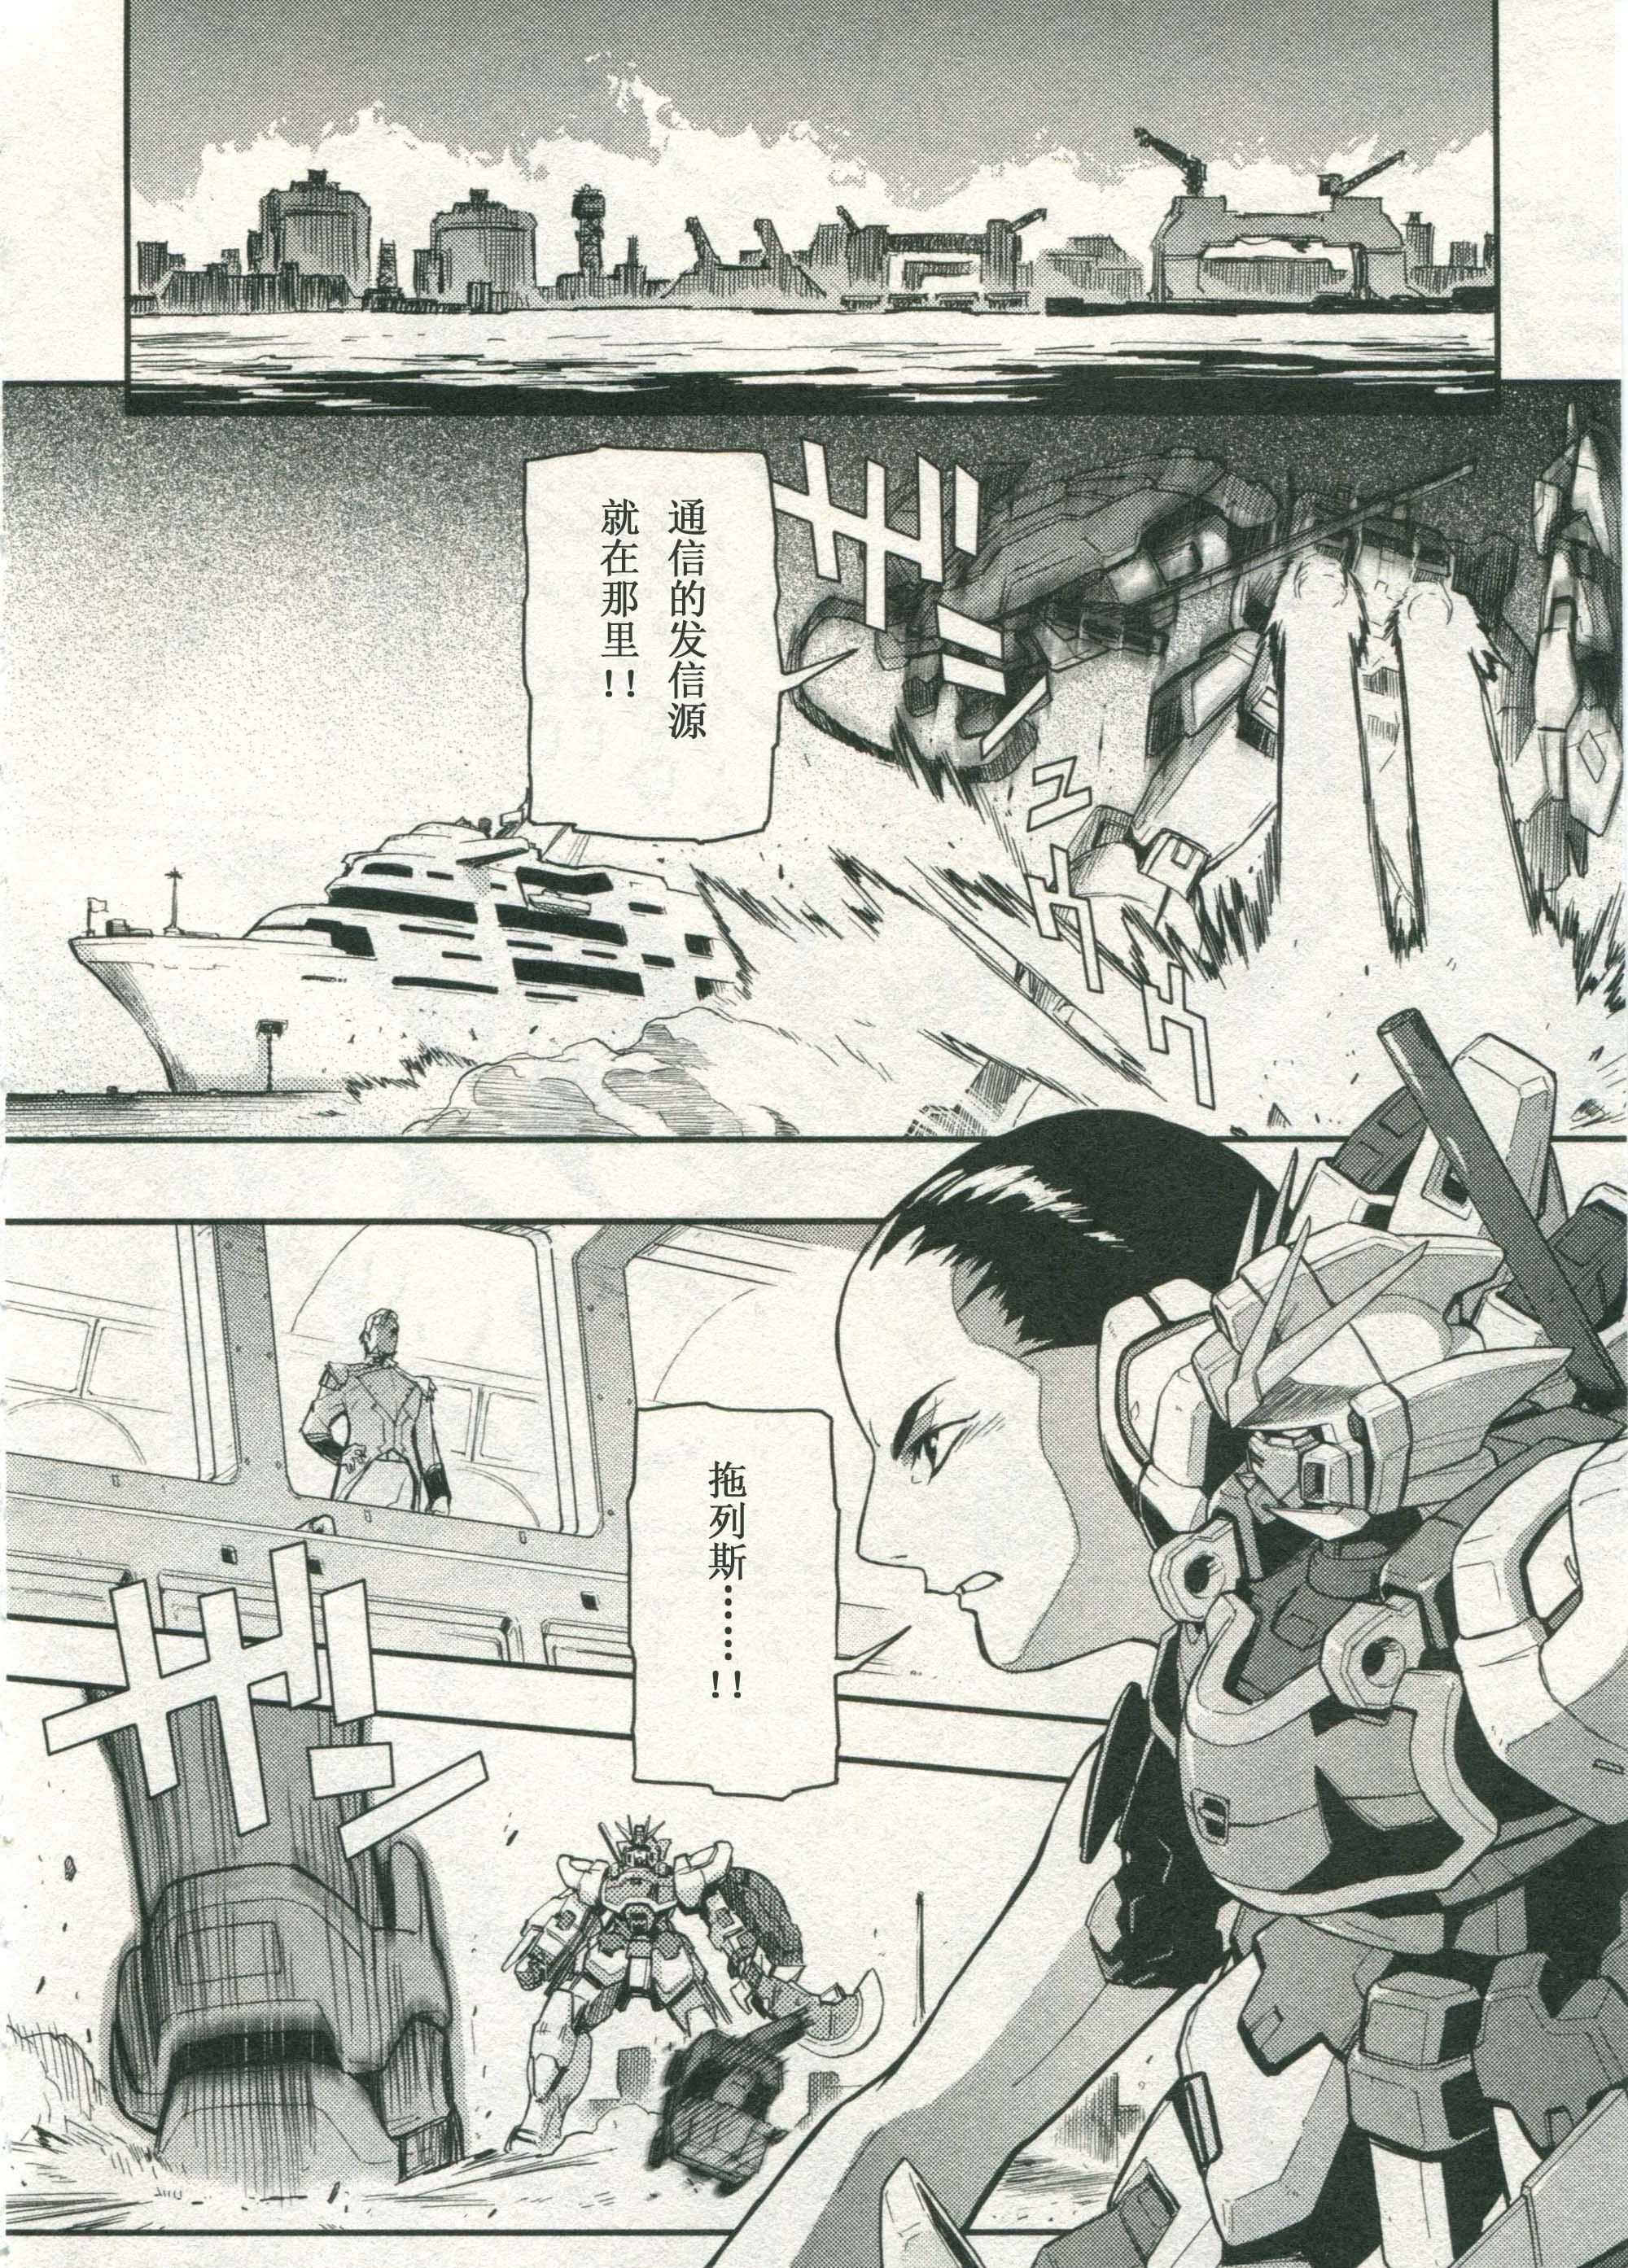 败者们的荣光58 - 副本.jpg